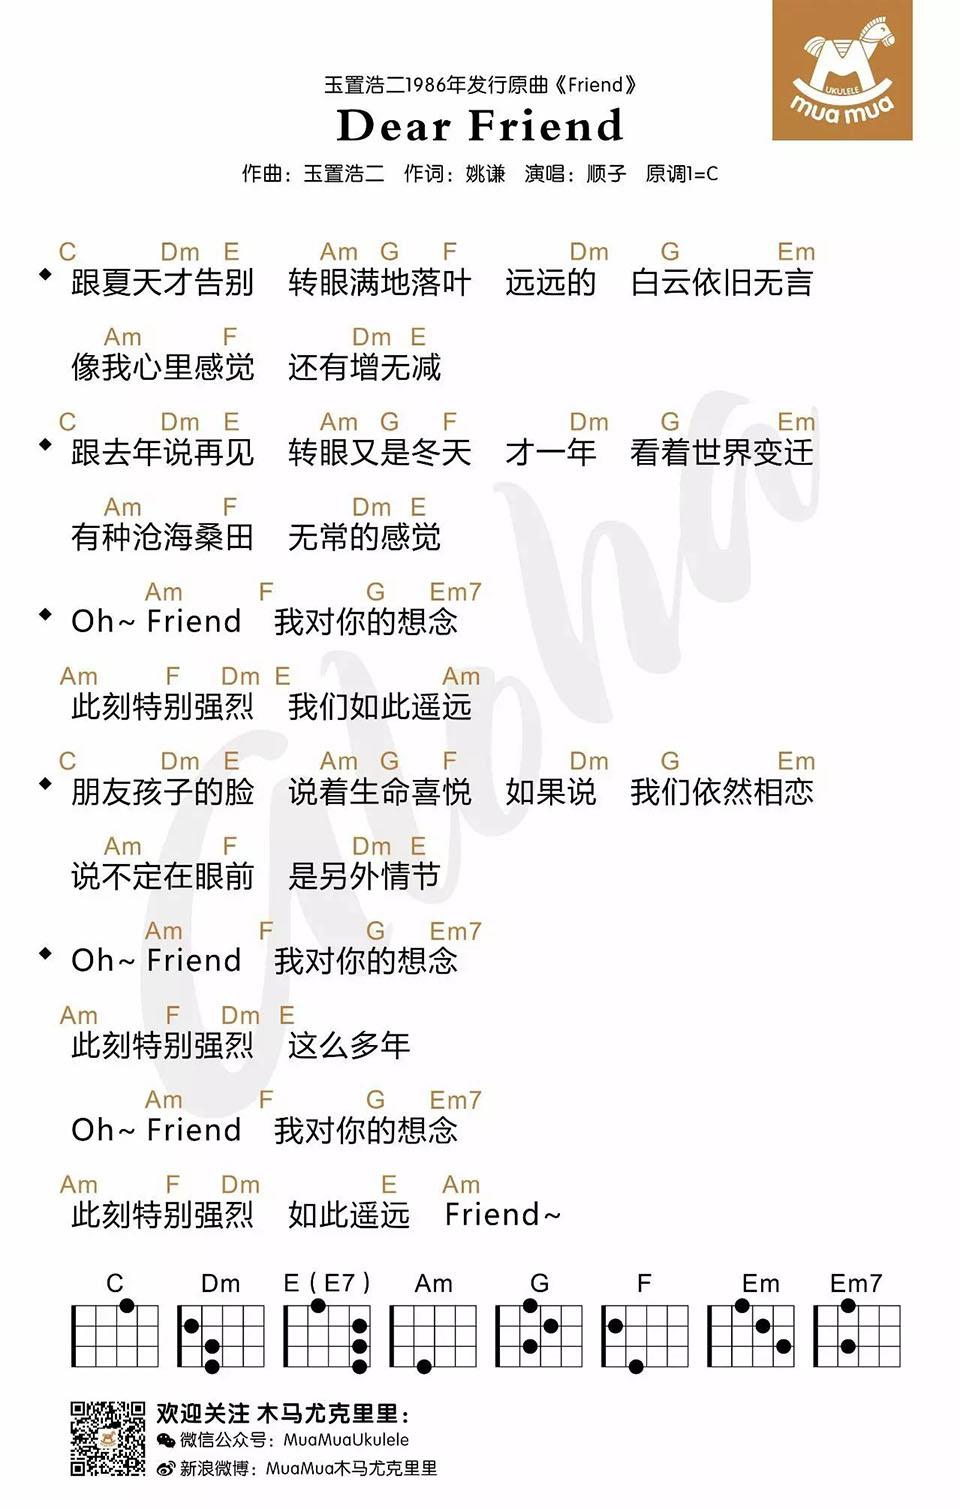 dear friend - 玉置浩二【原唱】 尤克里里谱